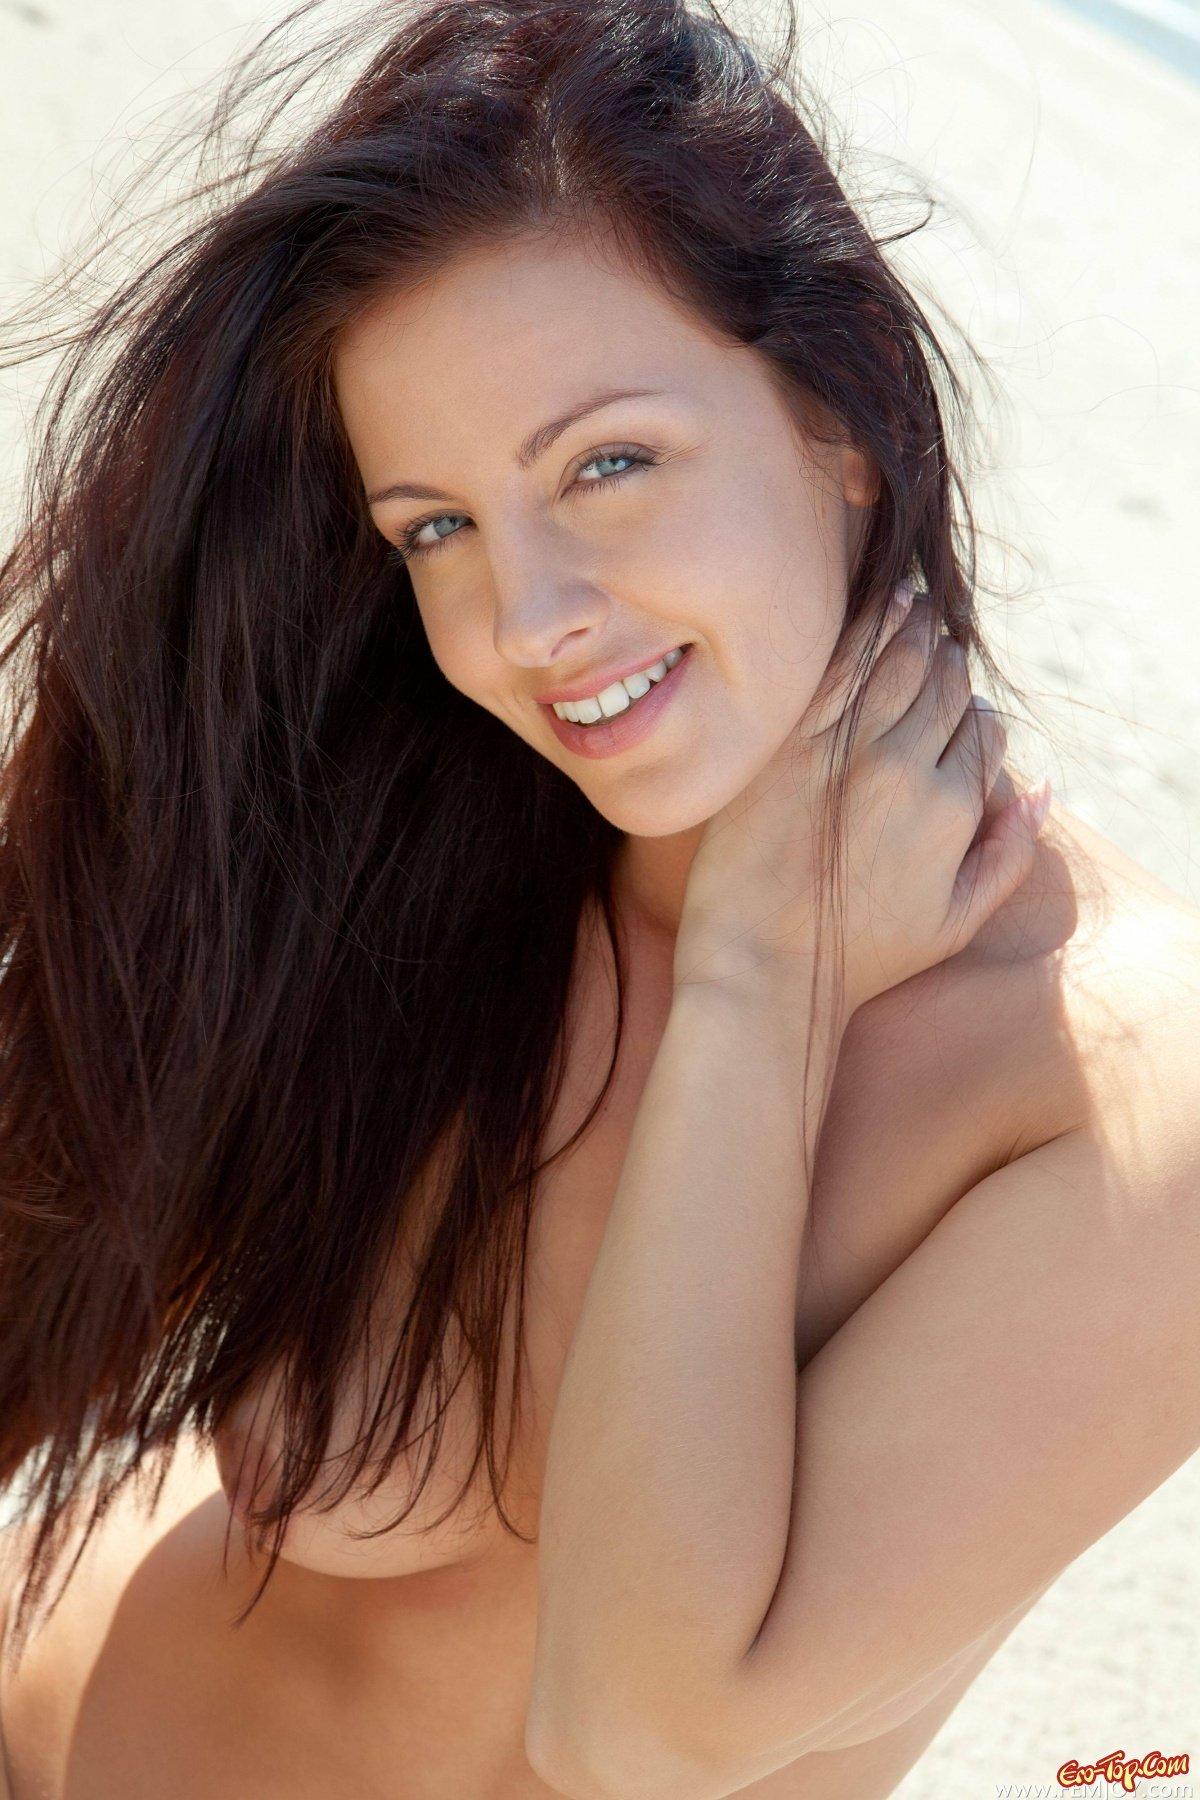 Красивая голая девушка на берегу